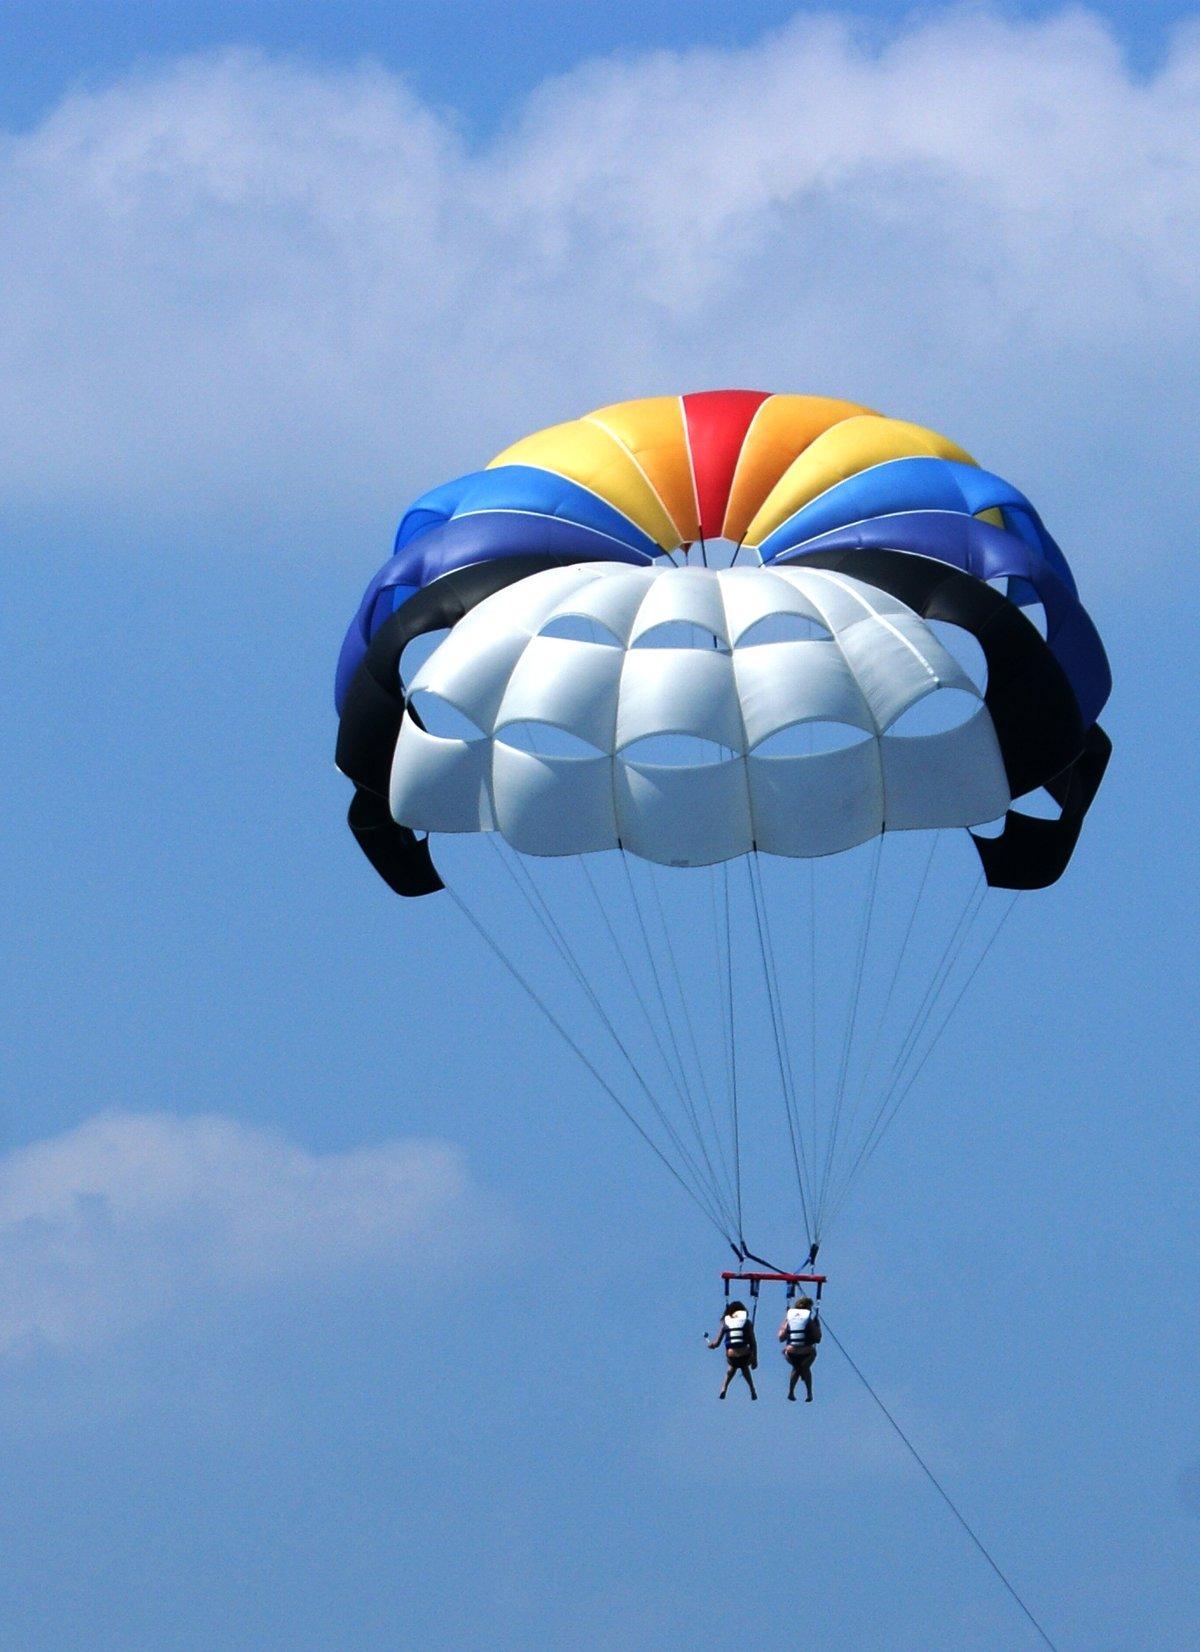 идеального картинки и фото парашютов сколько